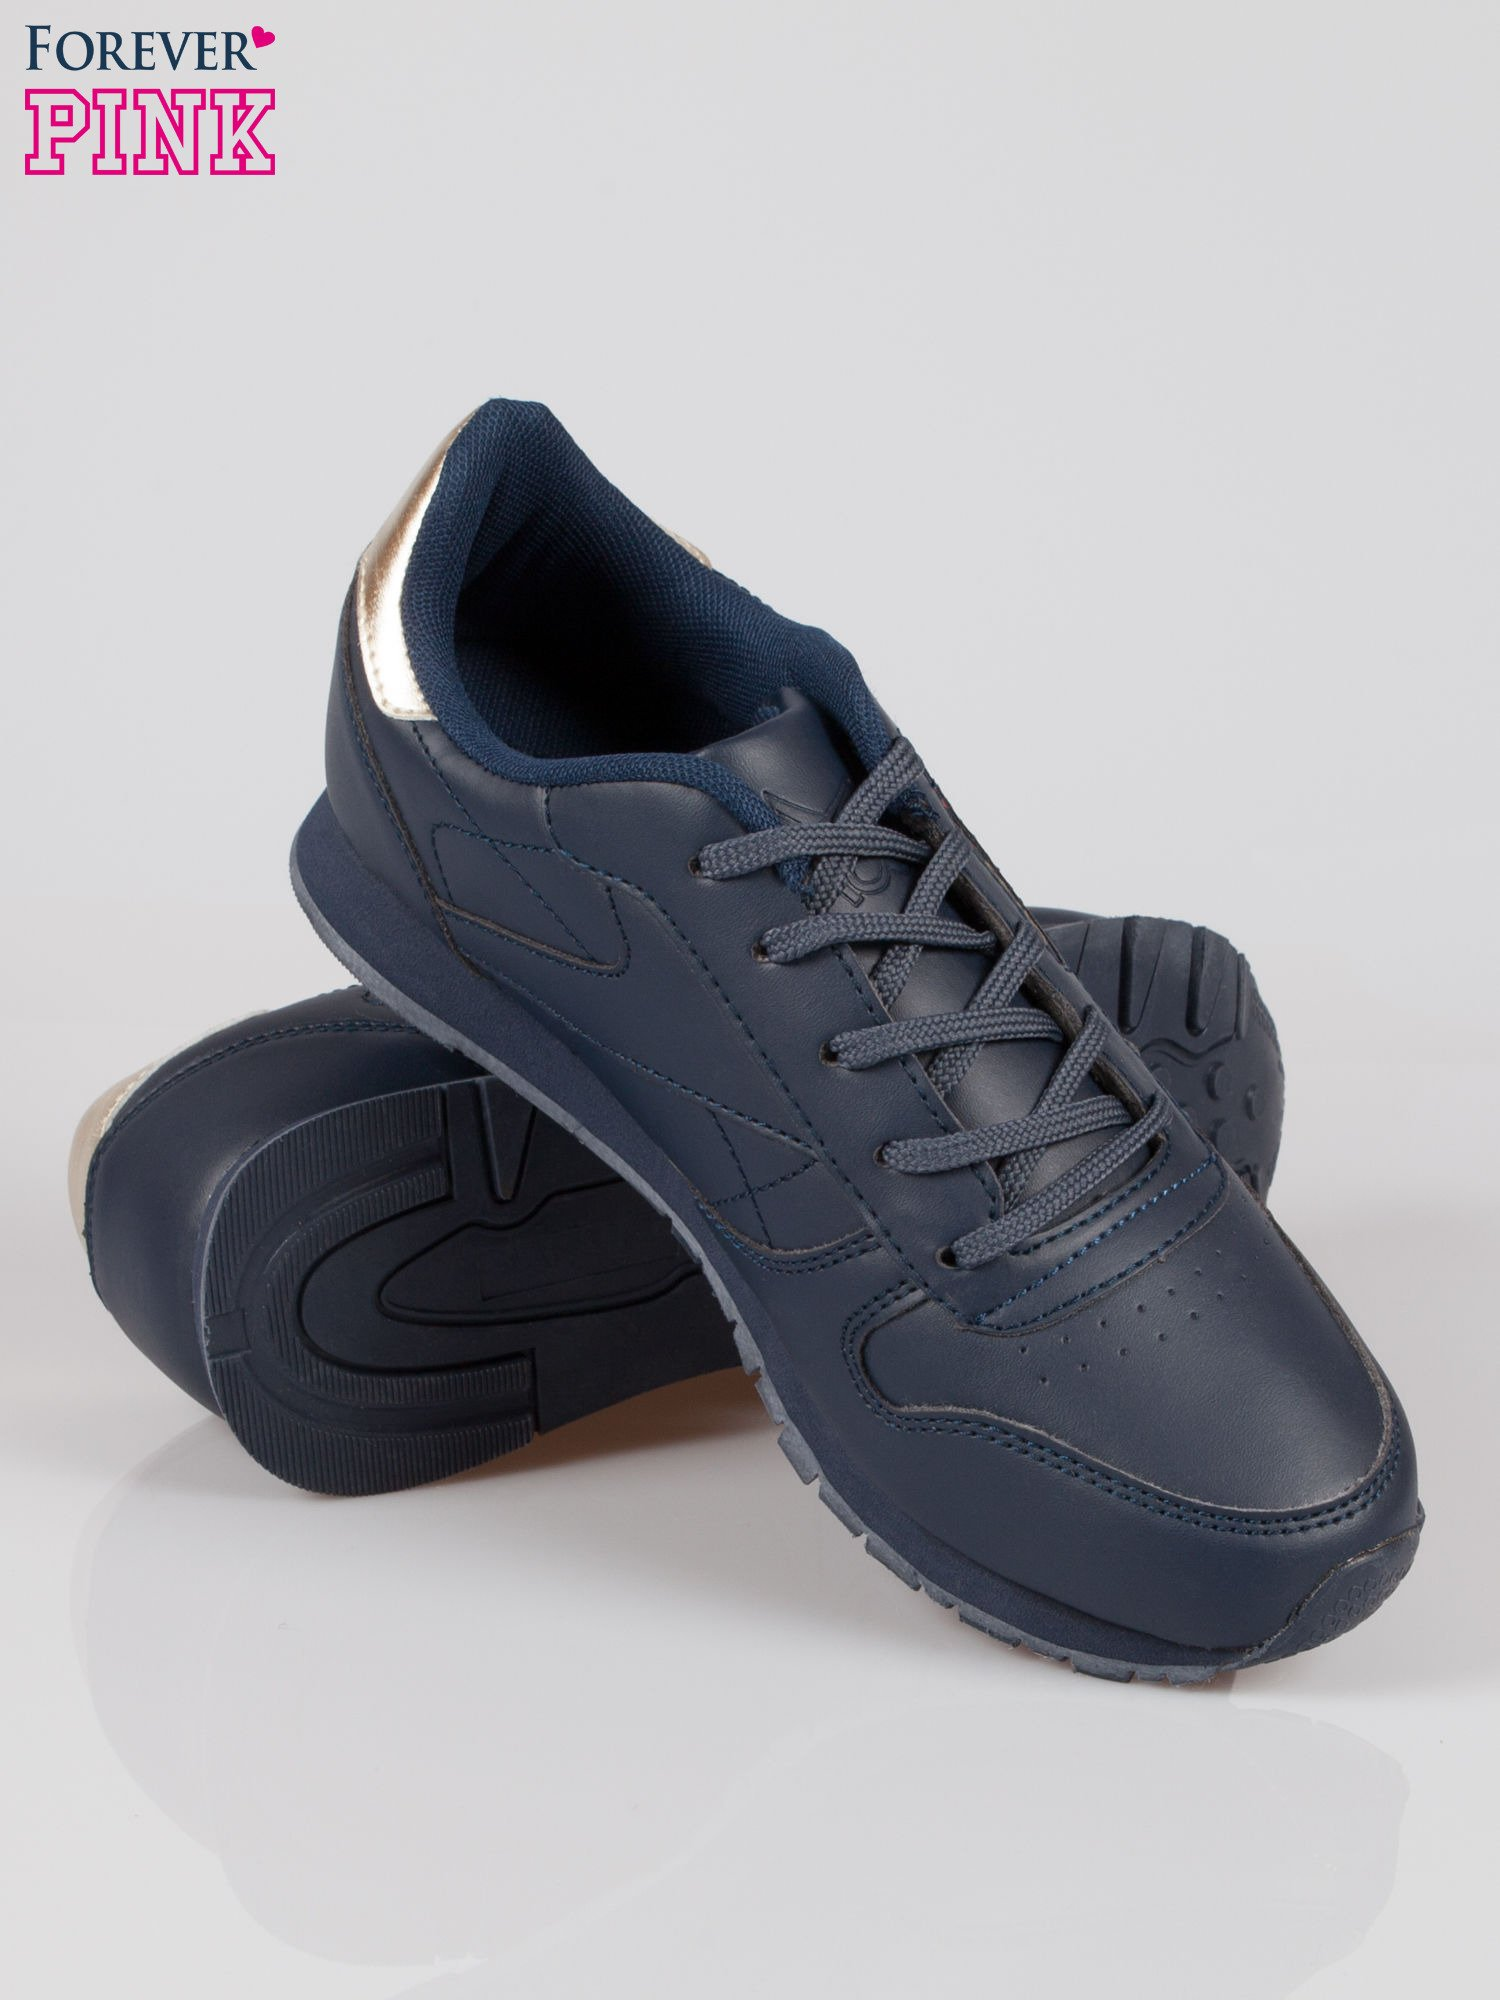 Granatowe buty sportowe ze złotym zapiętkiem                                  zdj.                                  4